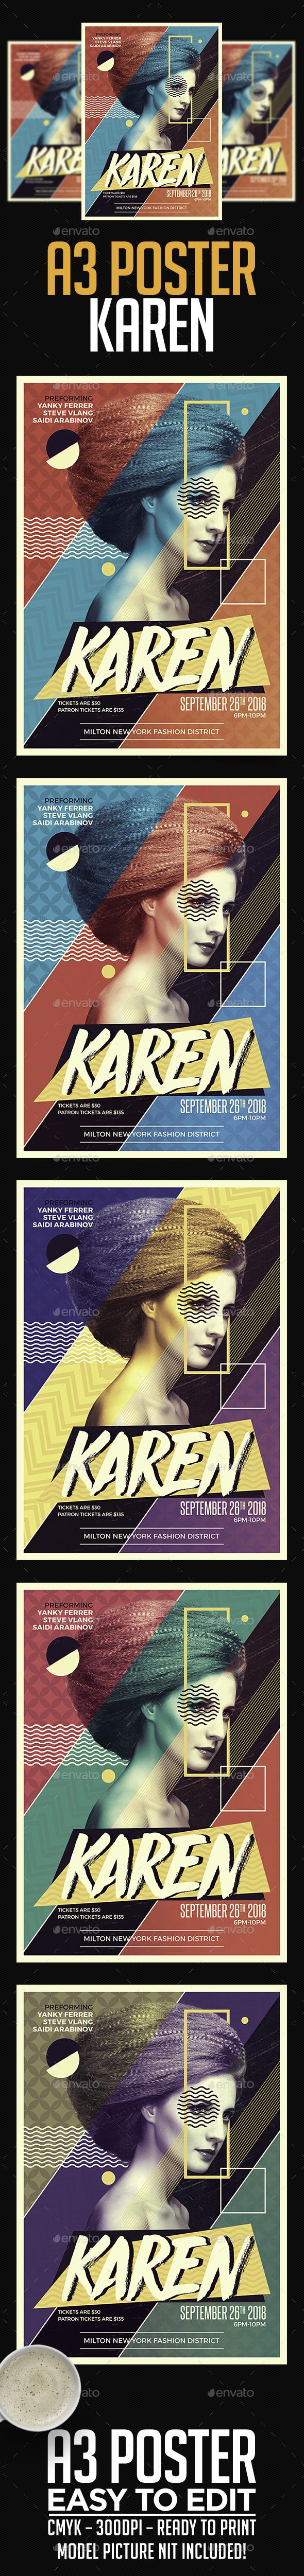 A3 Karen Poster Art Template - Miscellaneous Events